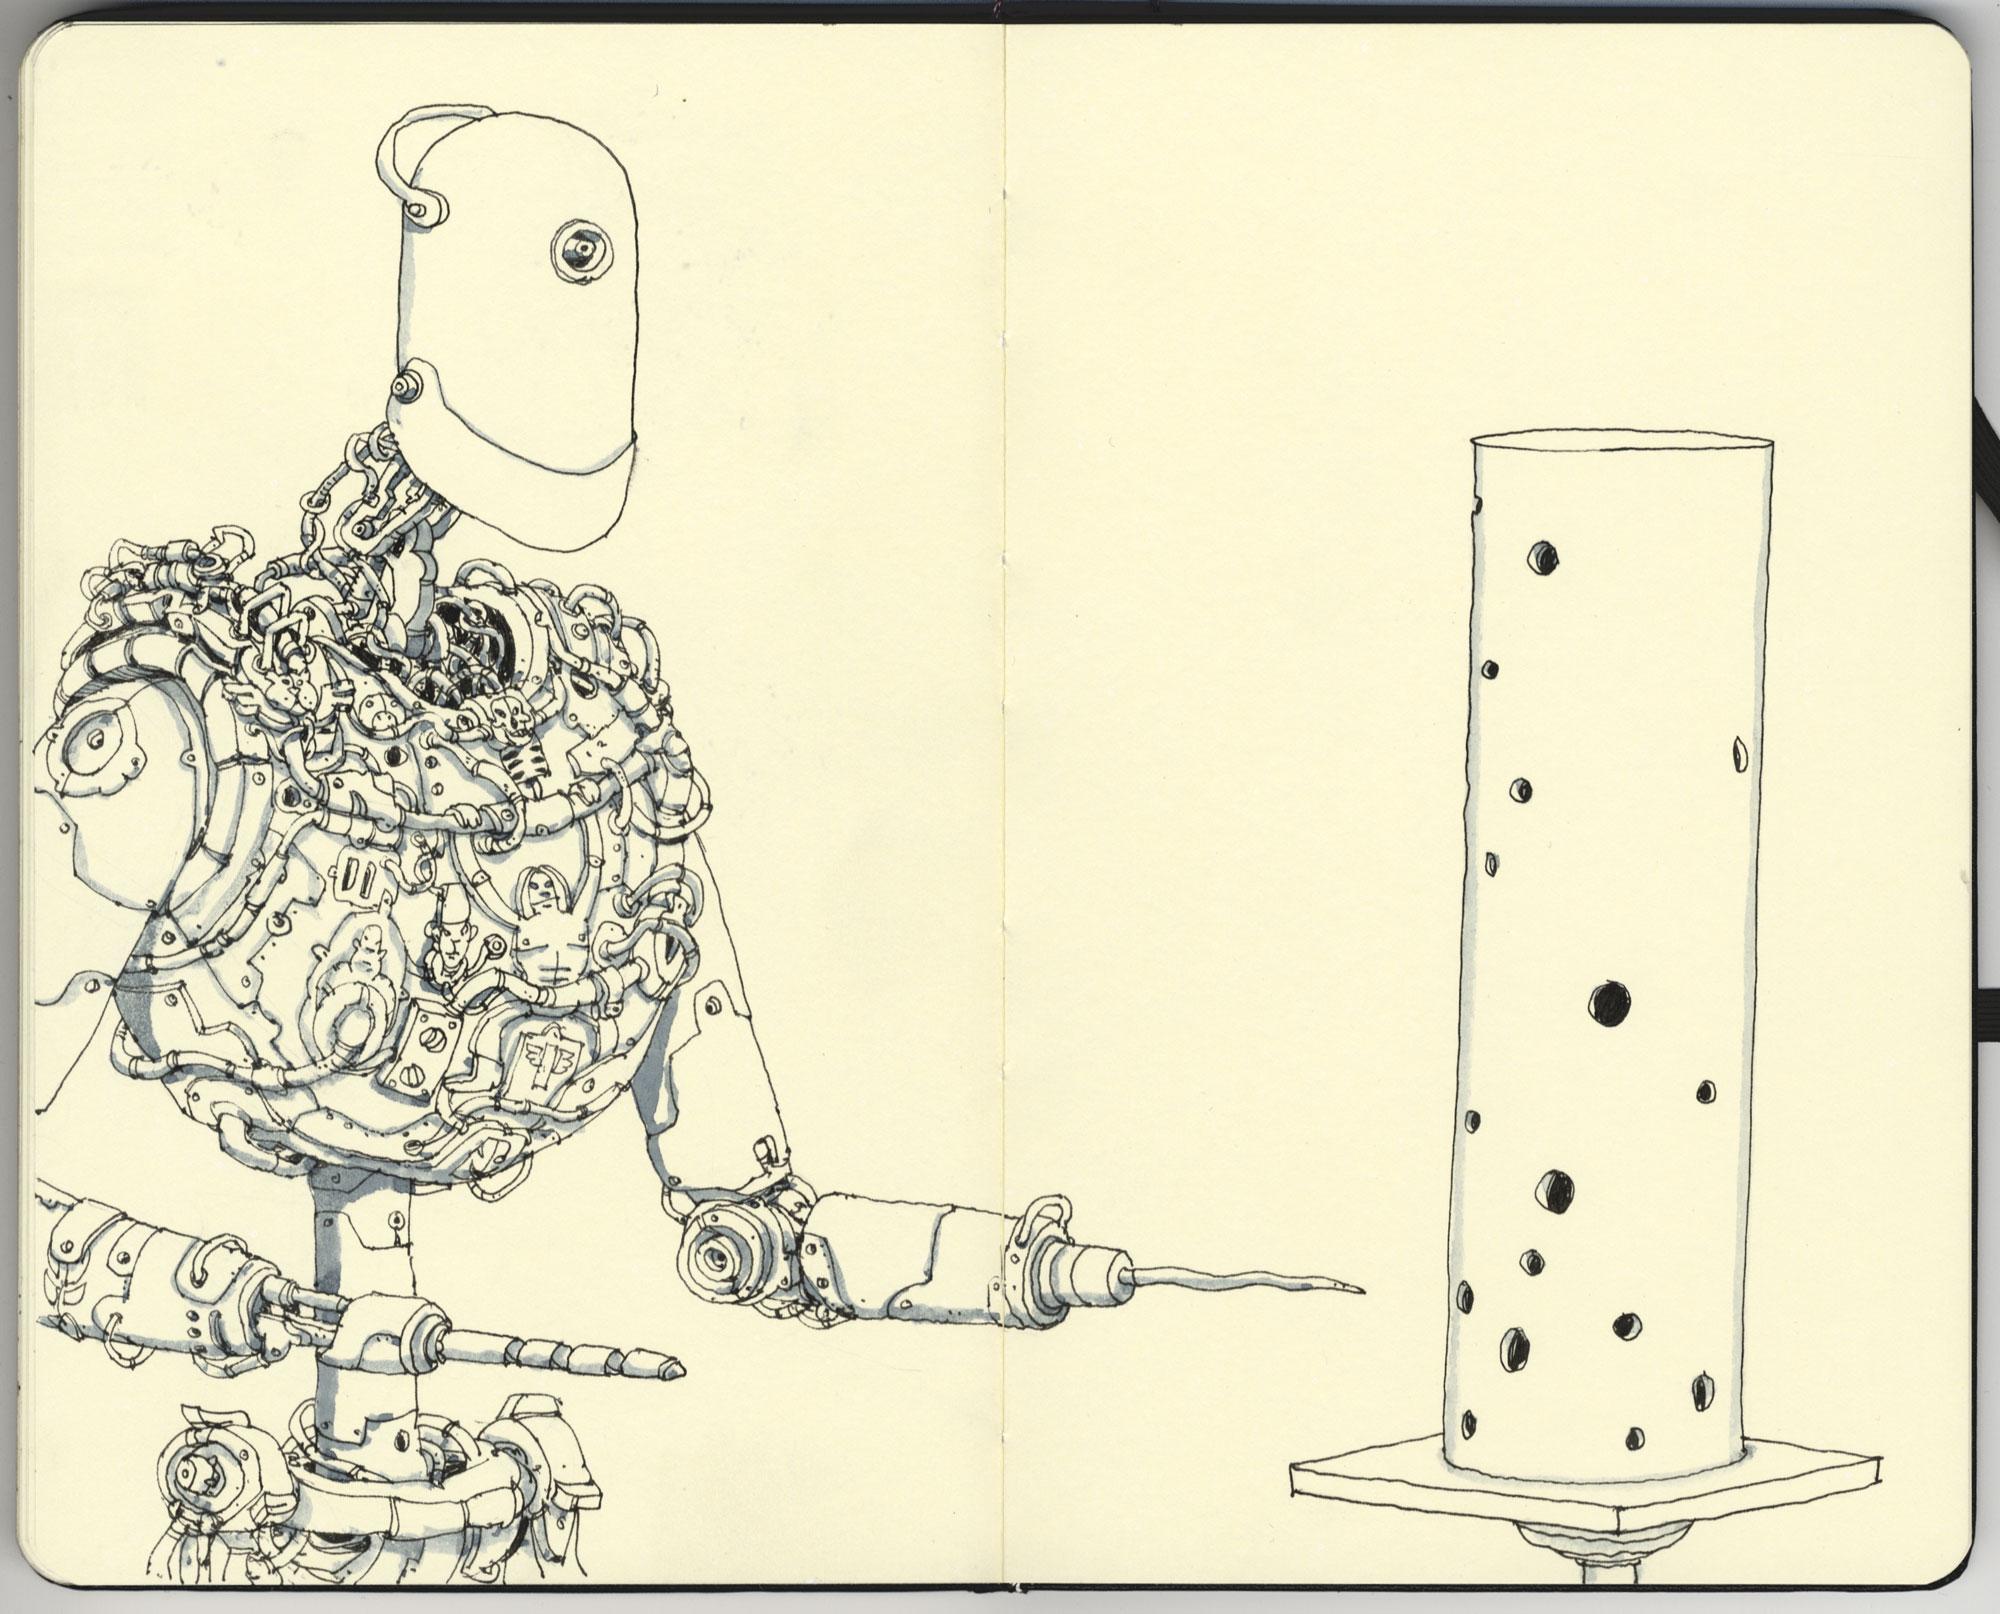 Driller art by MattiasA